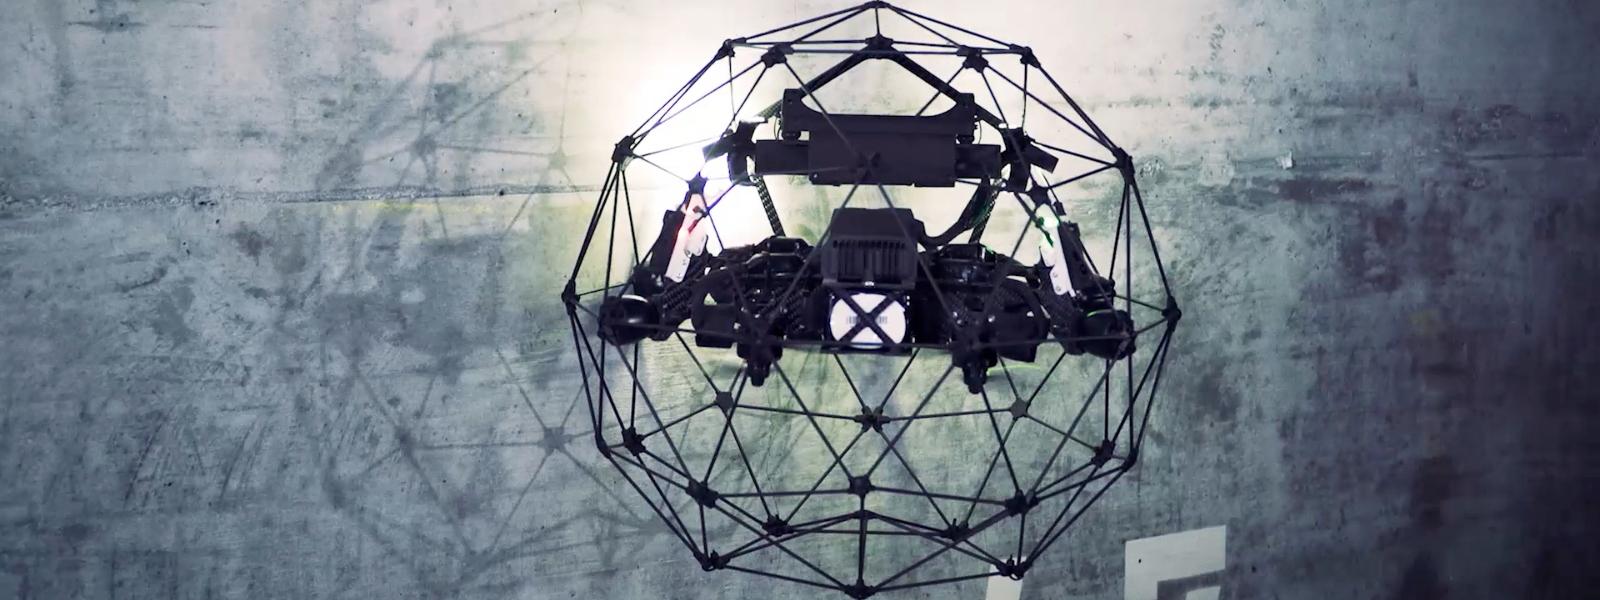 Robotics Engineer Intern/Autonomy